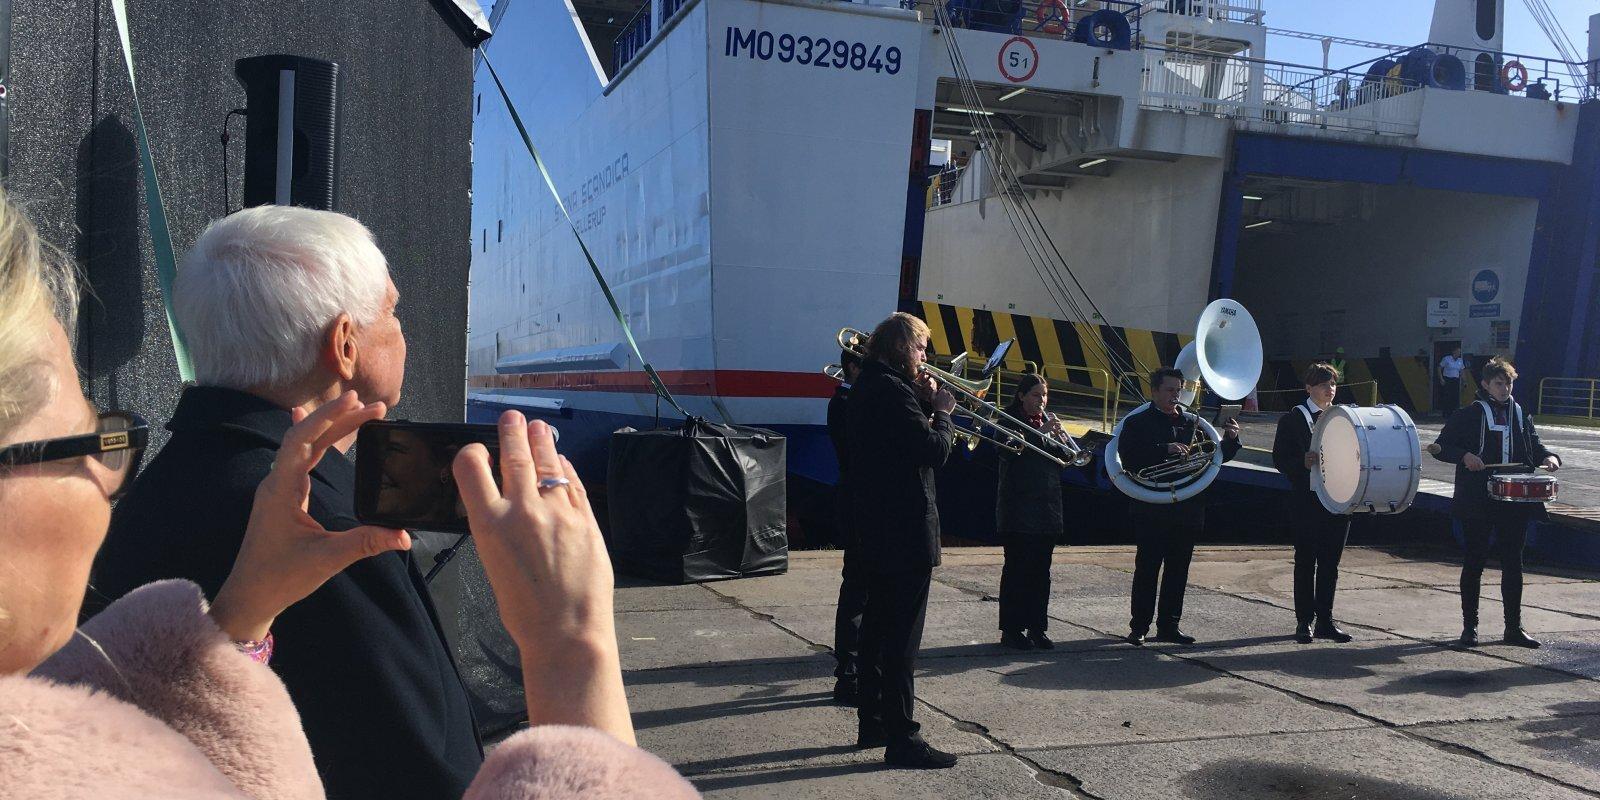 Bez ča-ča-ča, toties uz Zviedriju. Ventspilī prezentē jauno prāmi 'Stena Scandica', bet kā ar 'Tallink'?